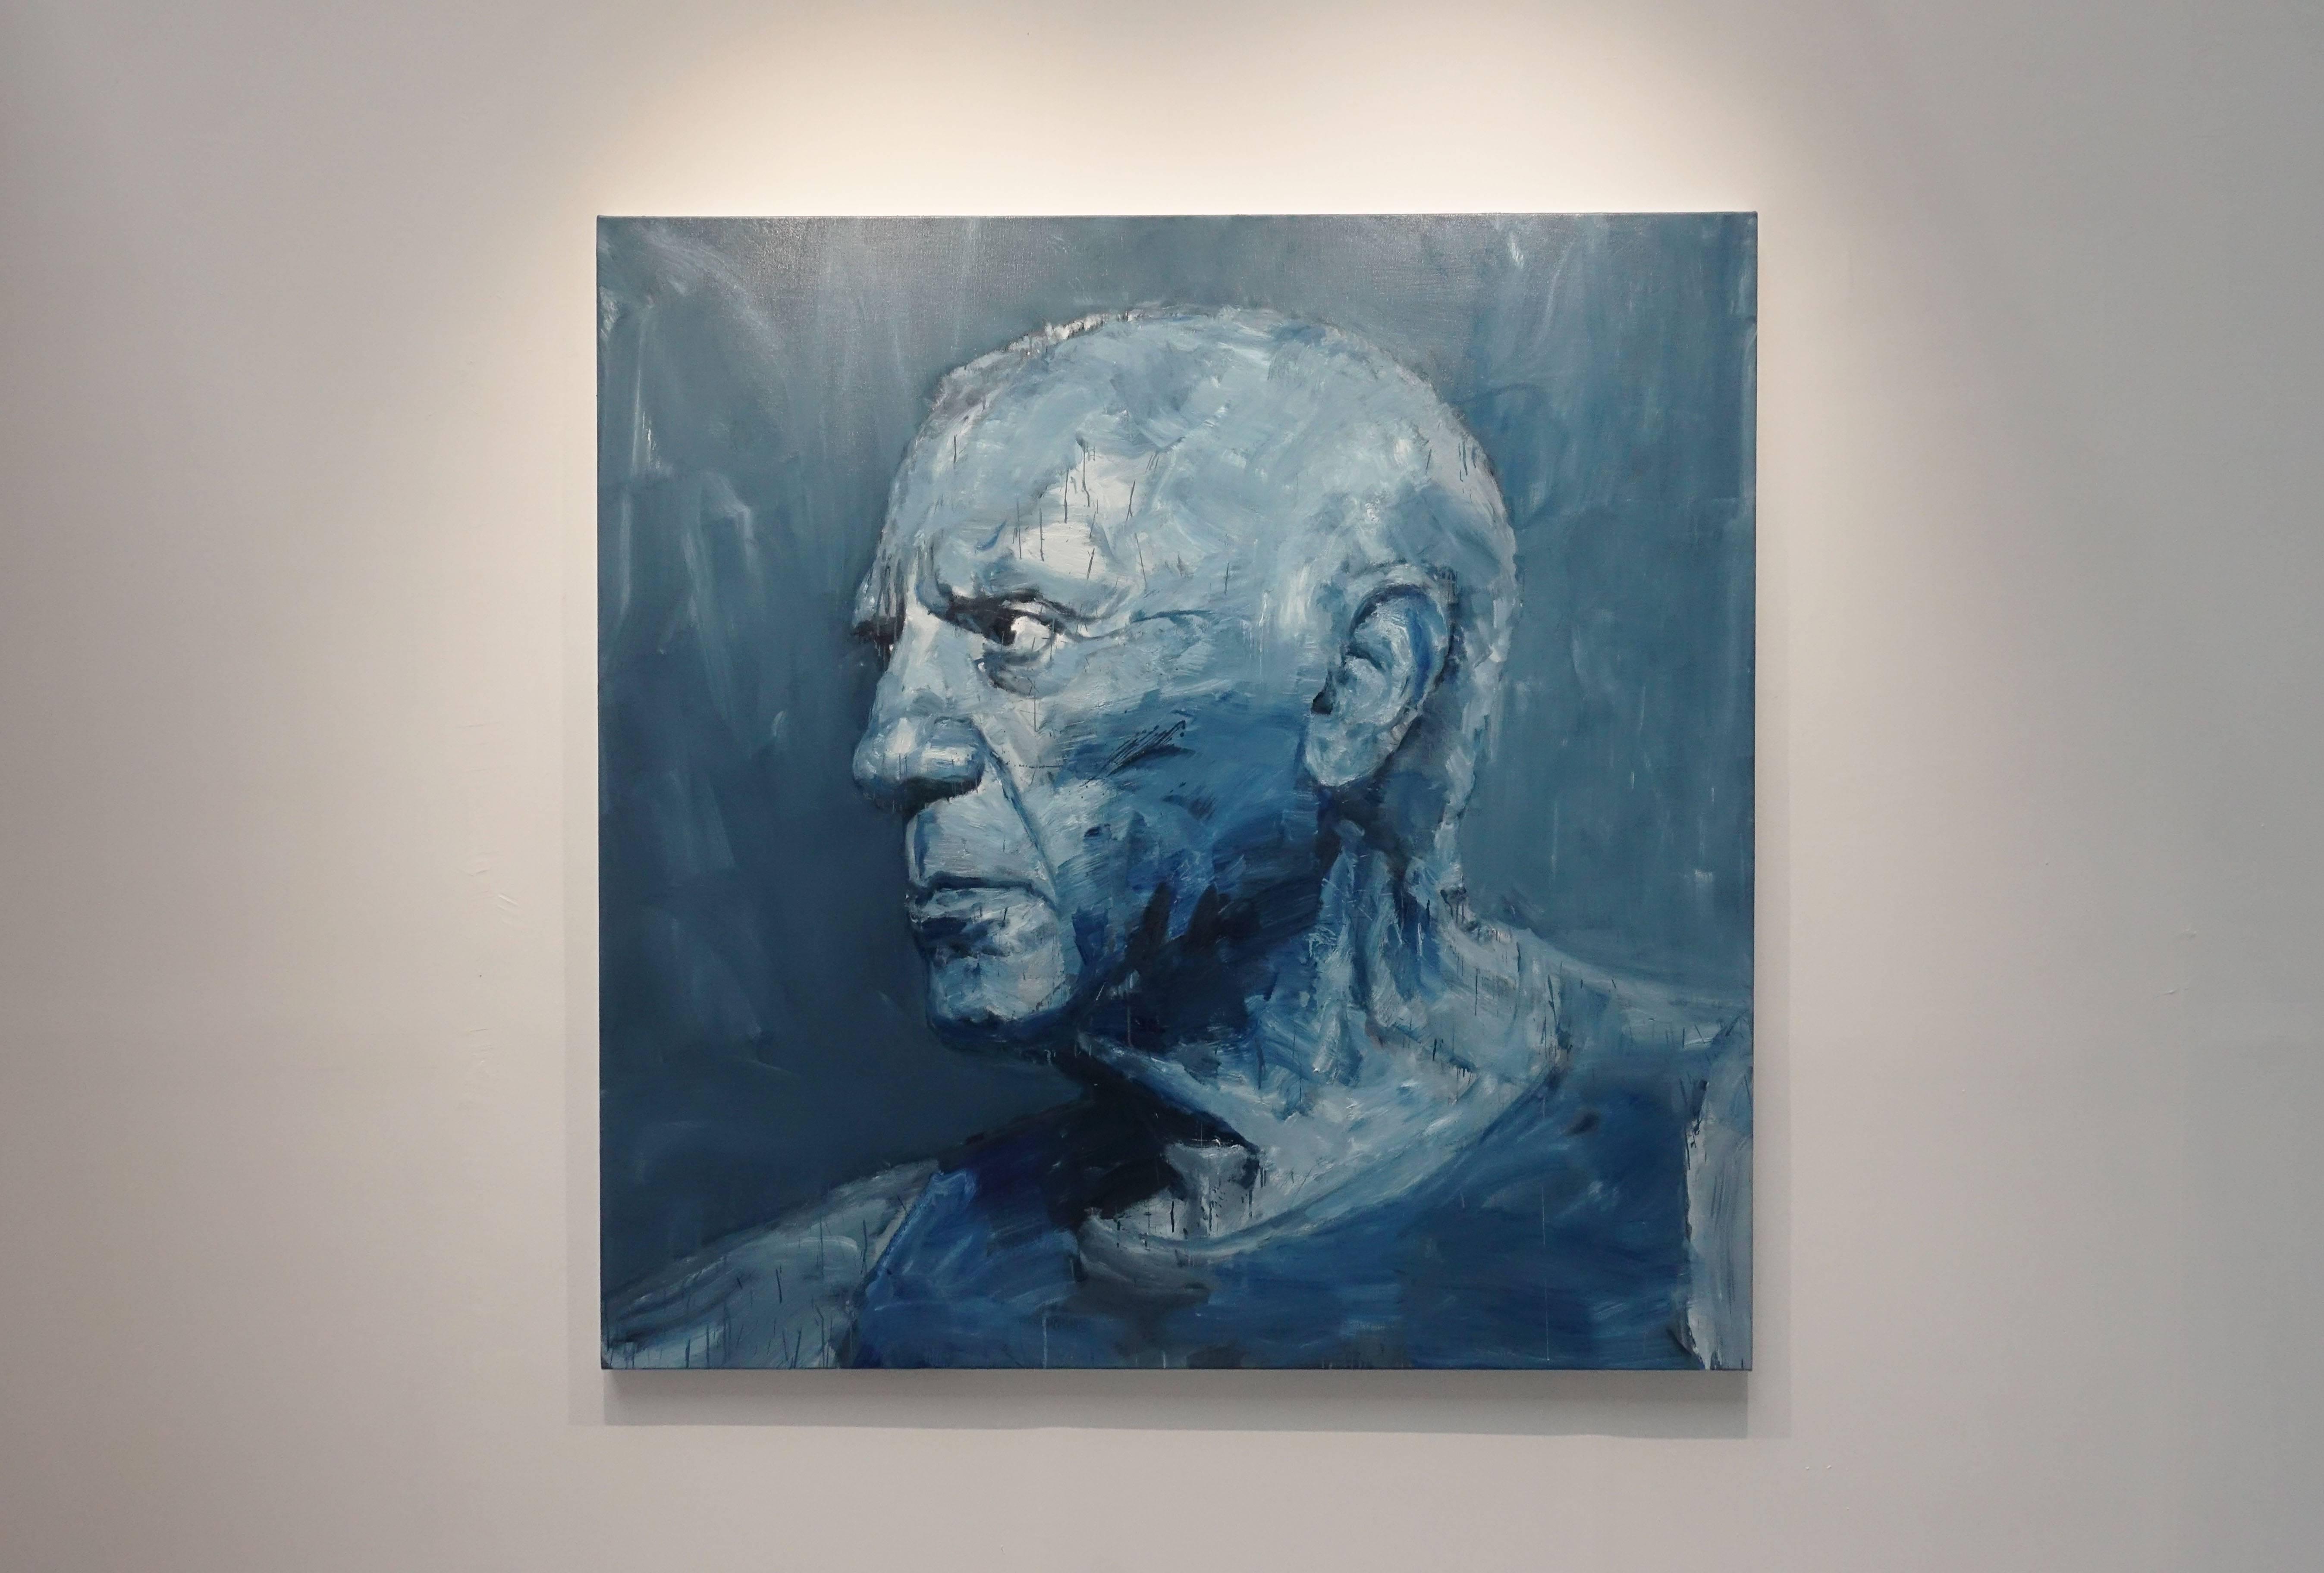 義大利MDC畫廊-嚴培明,《Blue Picasso藍色畢卡索》。